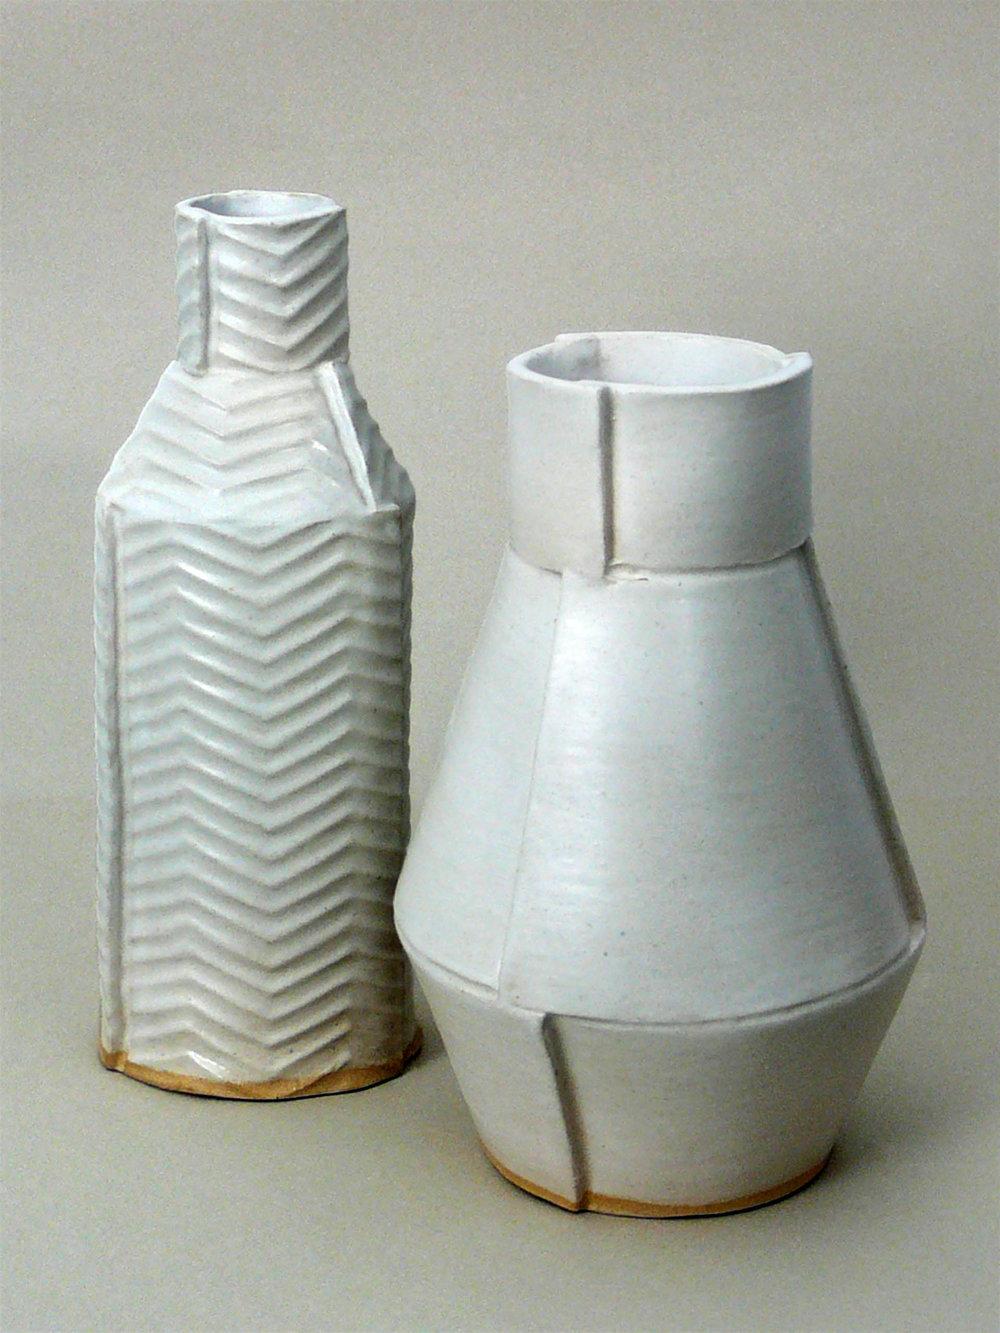 Panel Vases